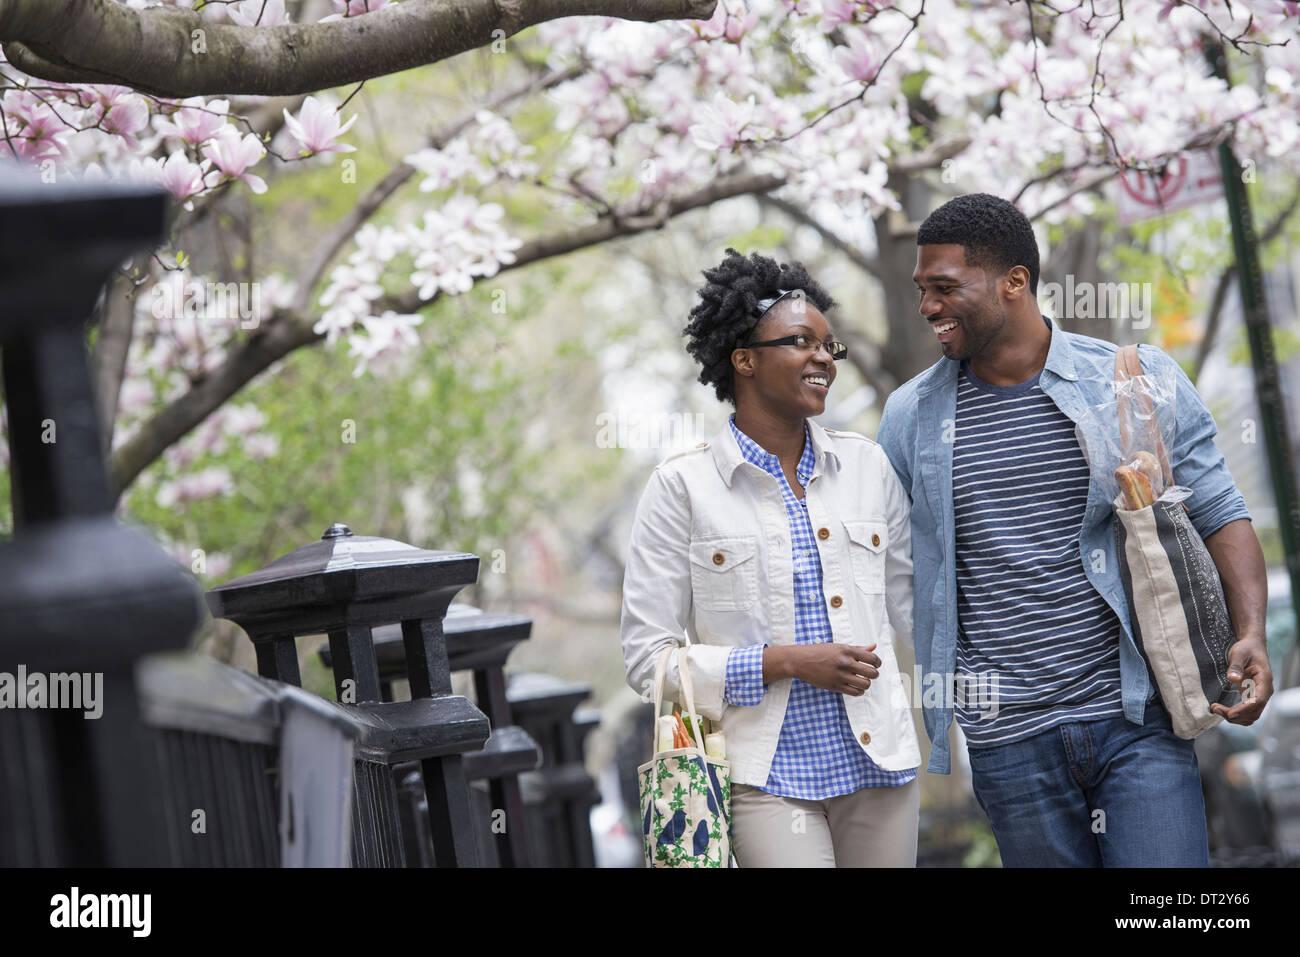 Una pareja a caminar en el parque al lado de llevar bolsas de la compra. Imagen De Stock